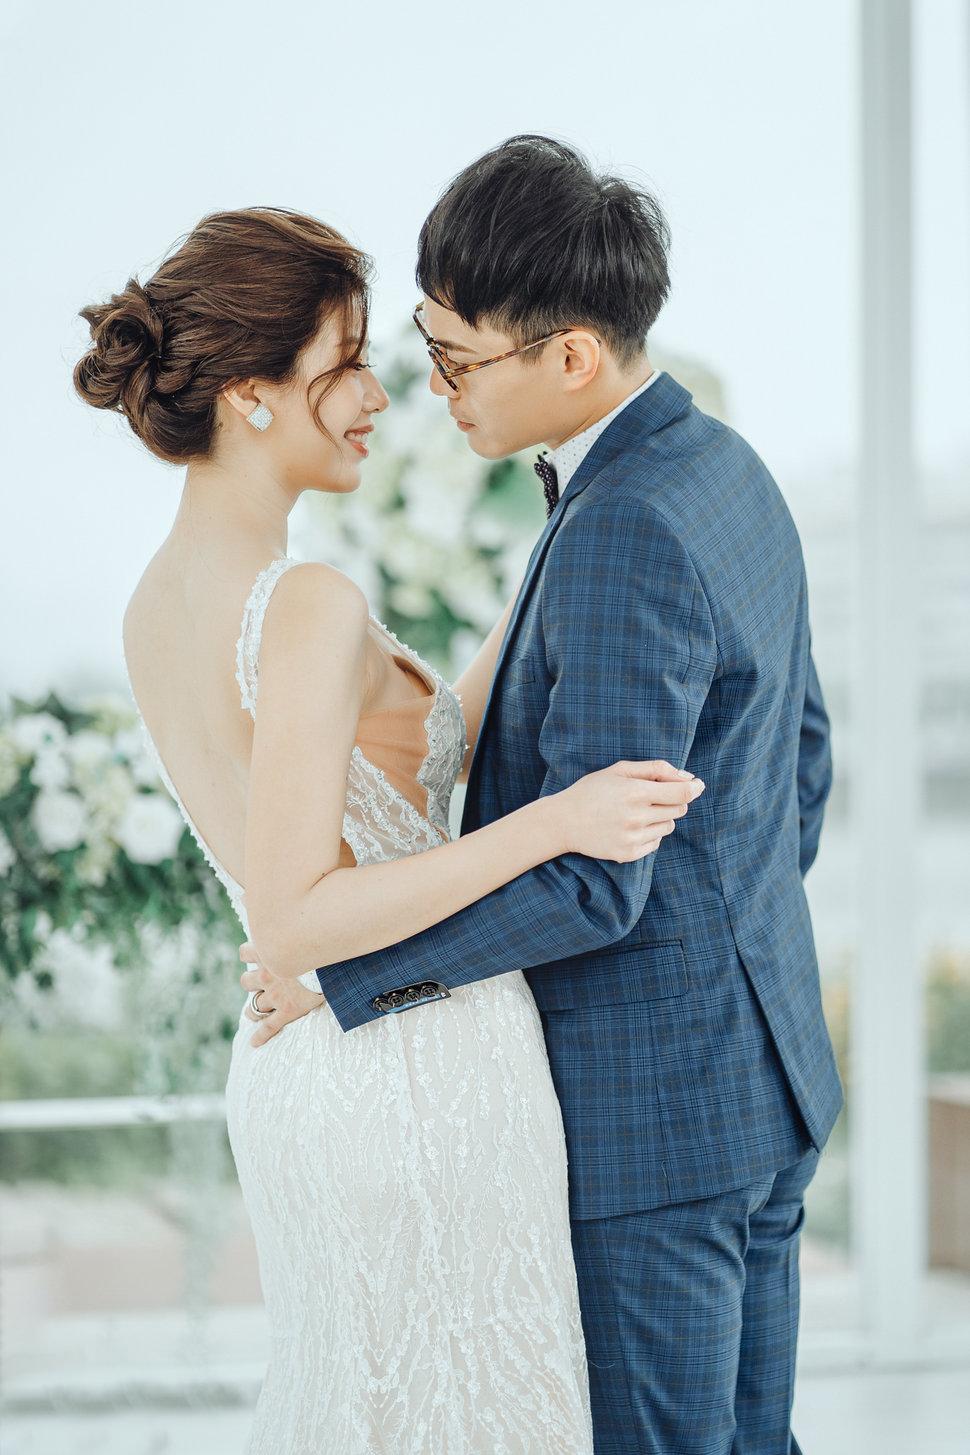 20200411-20200411-DSC00229-編輯 - QUAN  婚禮紀錄 / 影像工作室《結婚吧》